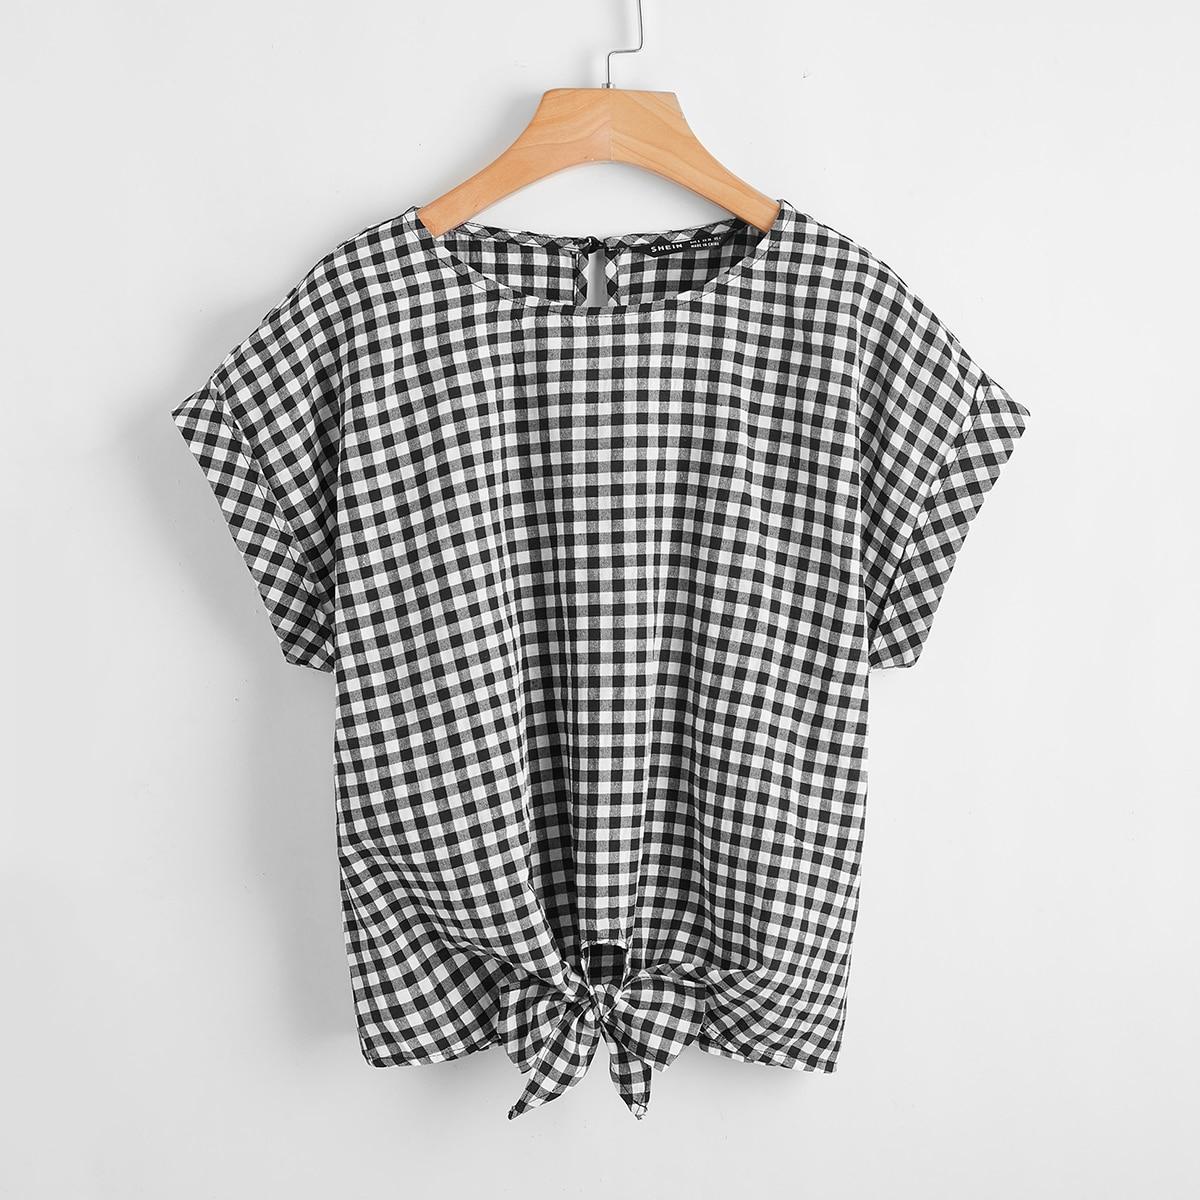 Пуговица Клетка Повседневный Блузы по цене 380